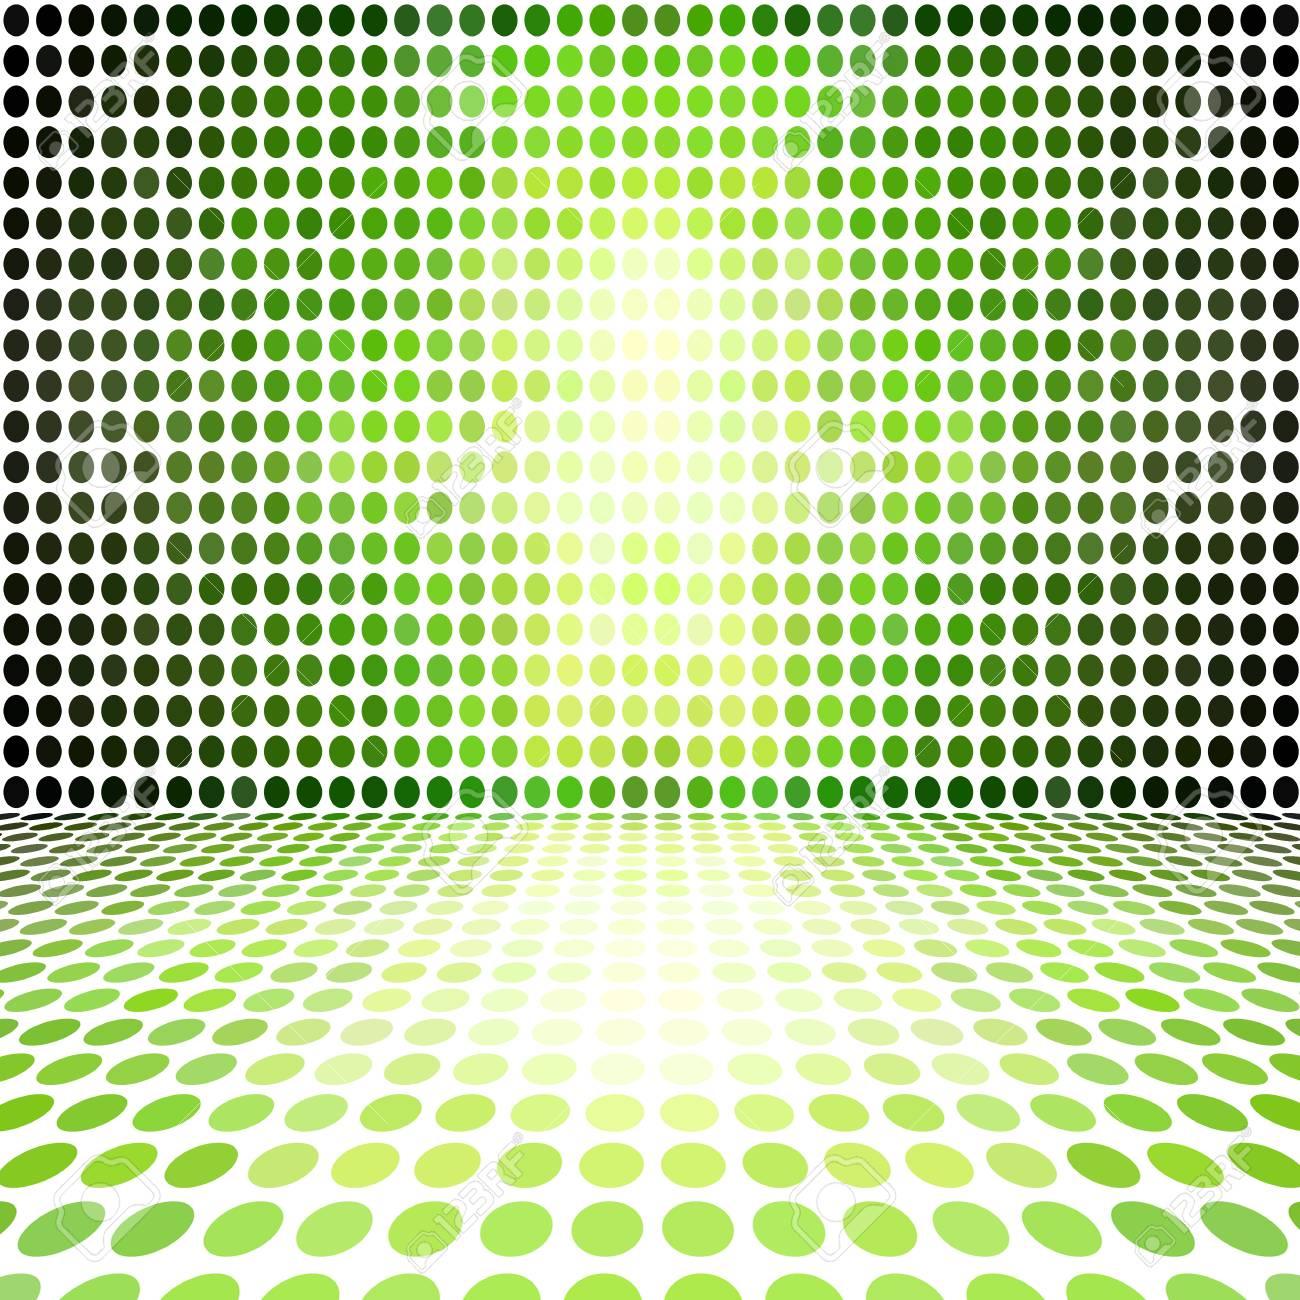 Grüner Punkt Leere Perspective Digitalen Raum-Wand-Raum Lizenzfreie ...